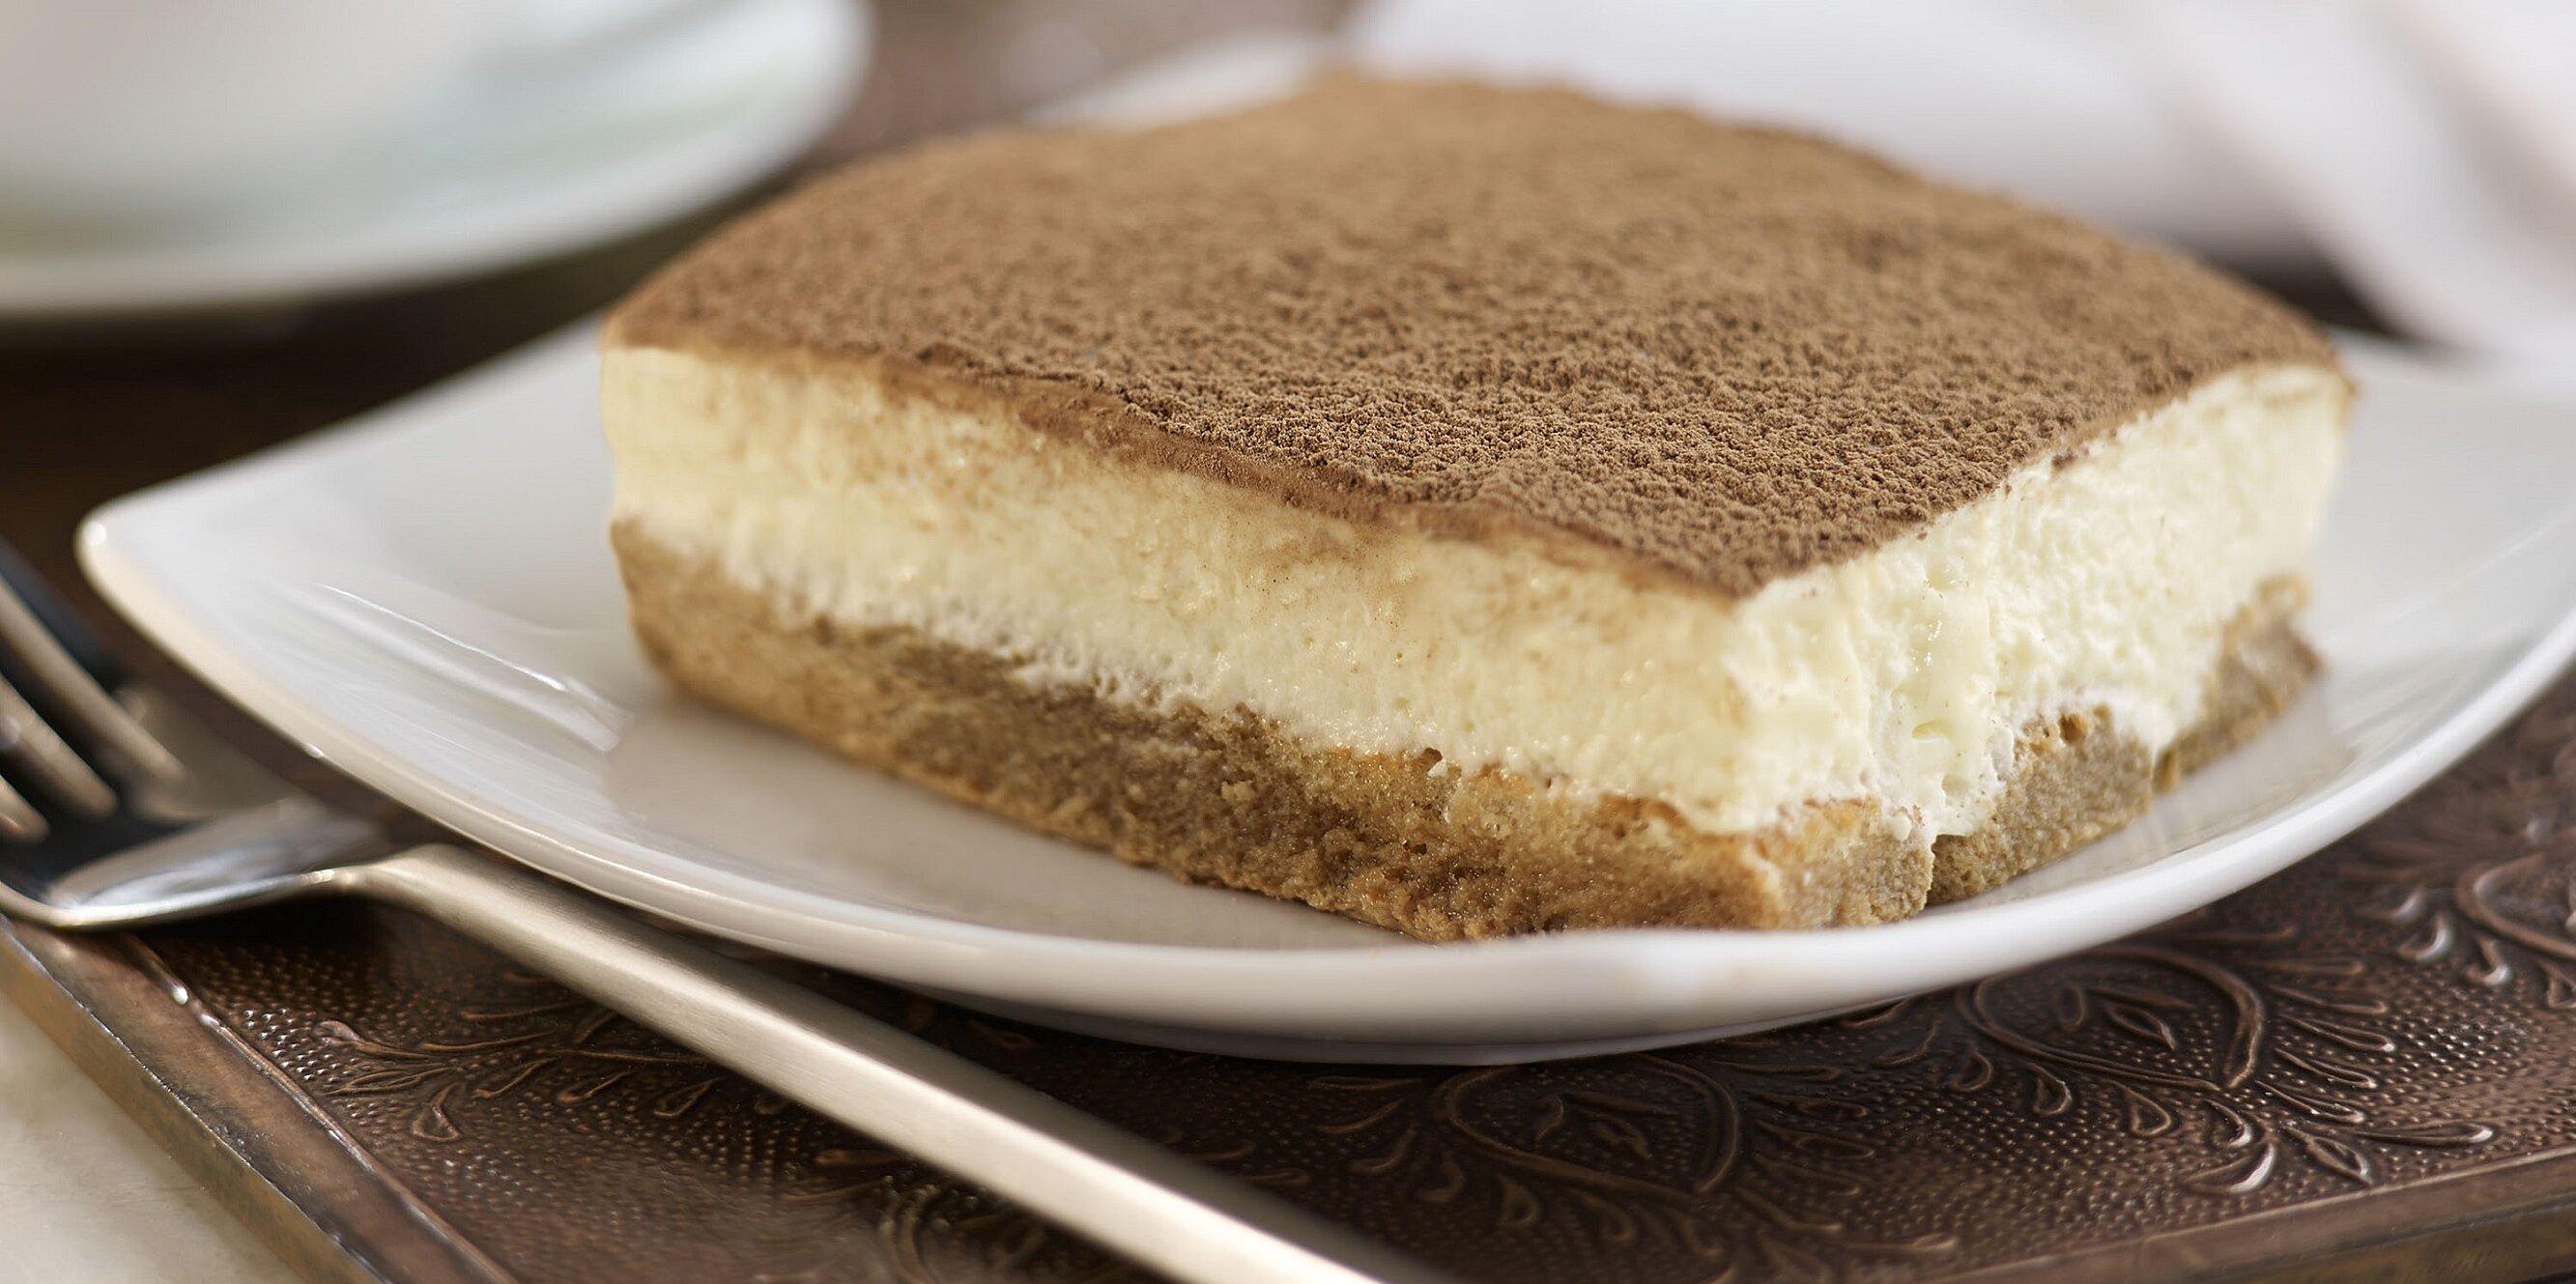 belgioioso tiramisu dessert